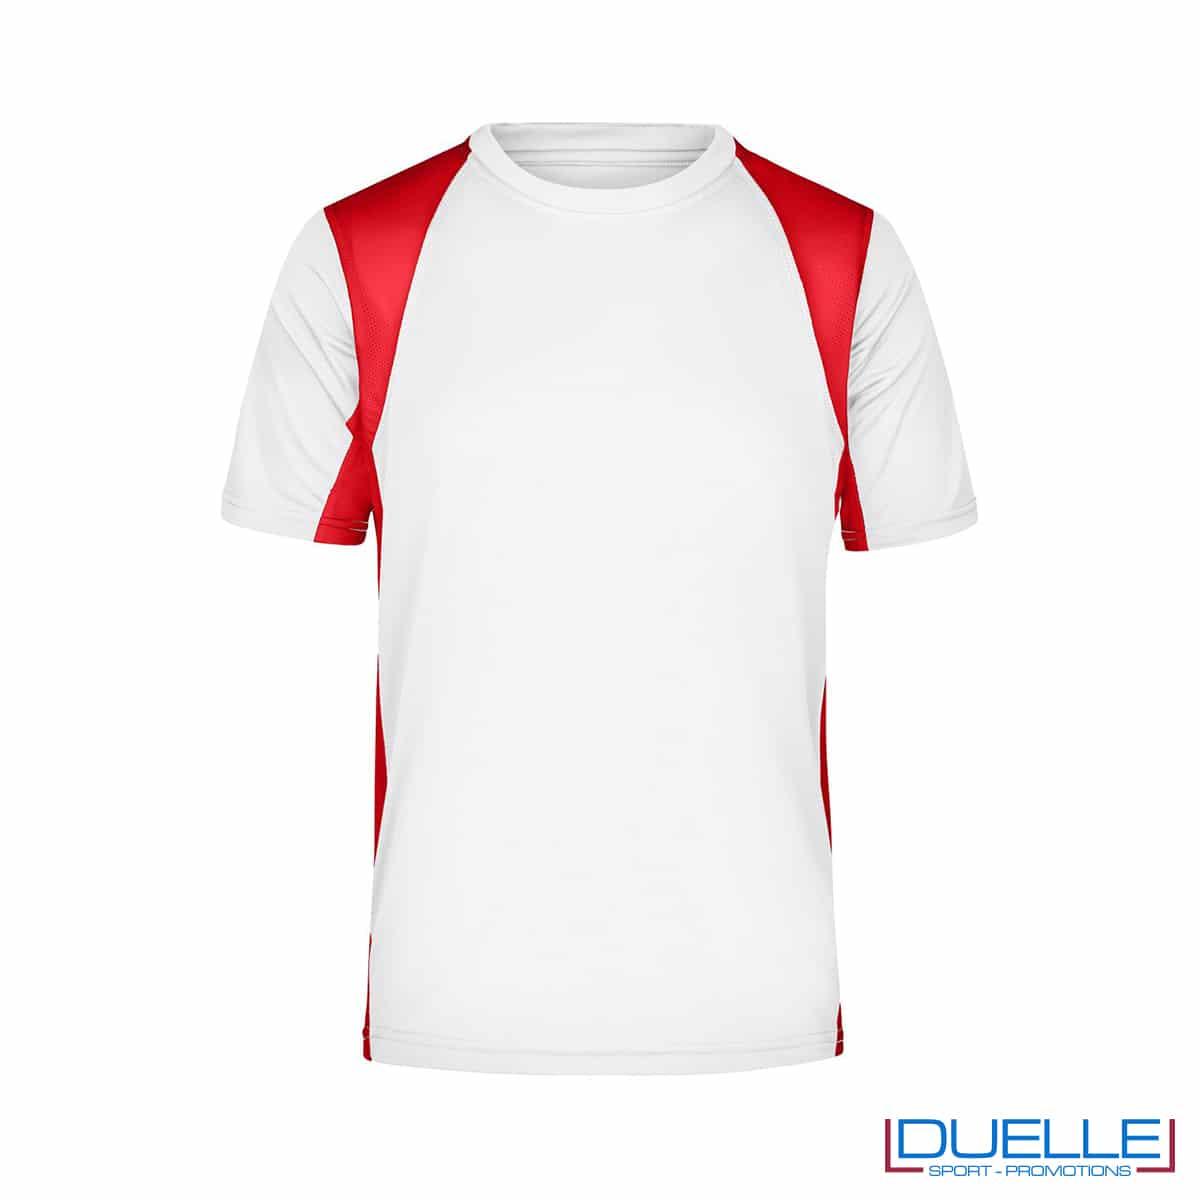 T-shirt running uomo personalizzata colore bianco-rosso